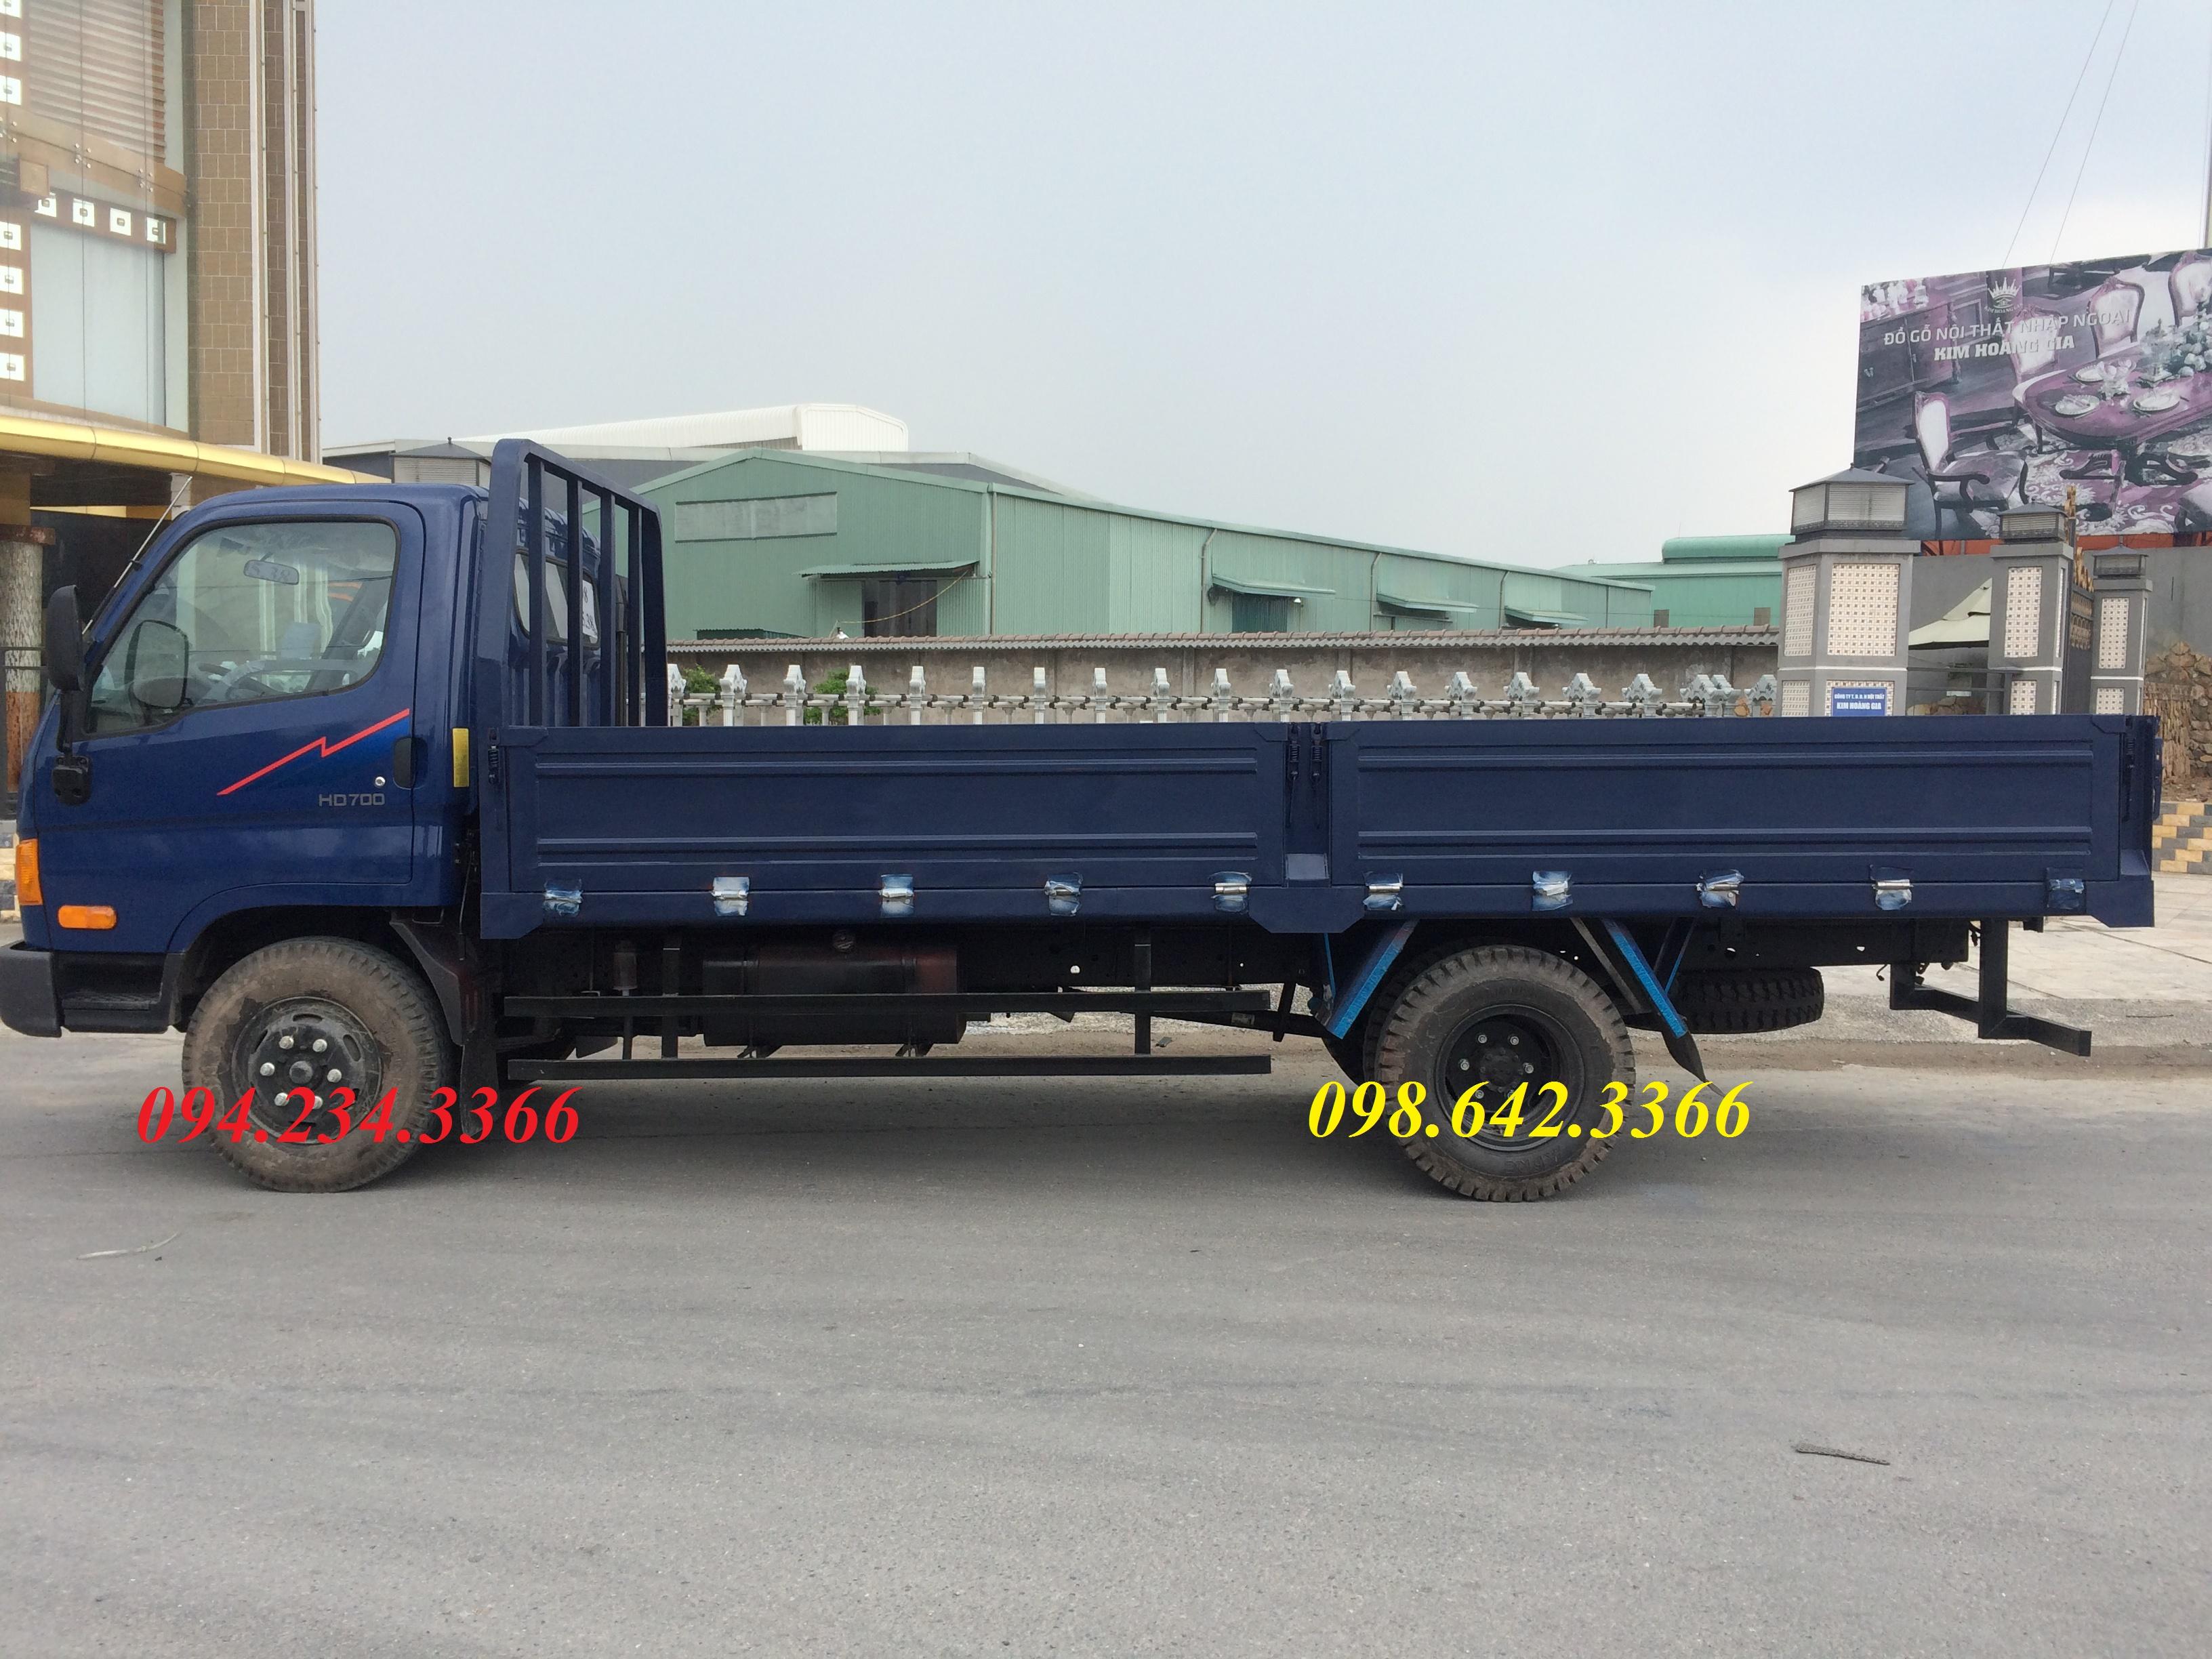 xe tải hyundai 7 tấn thùng lửng màu xanh